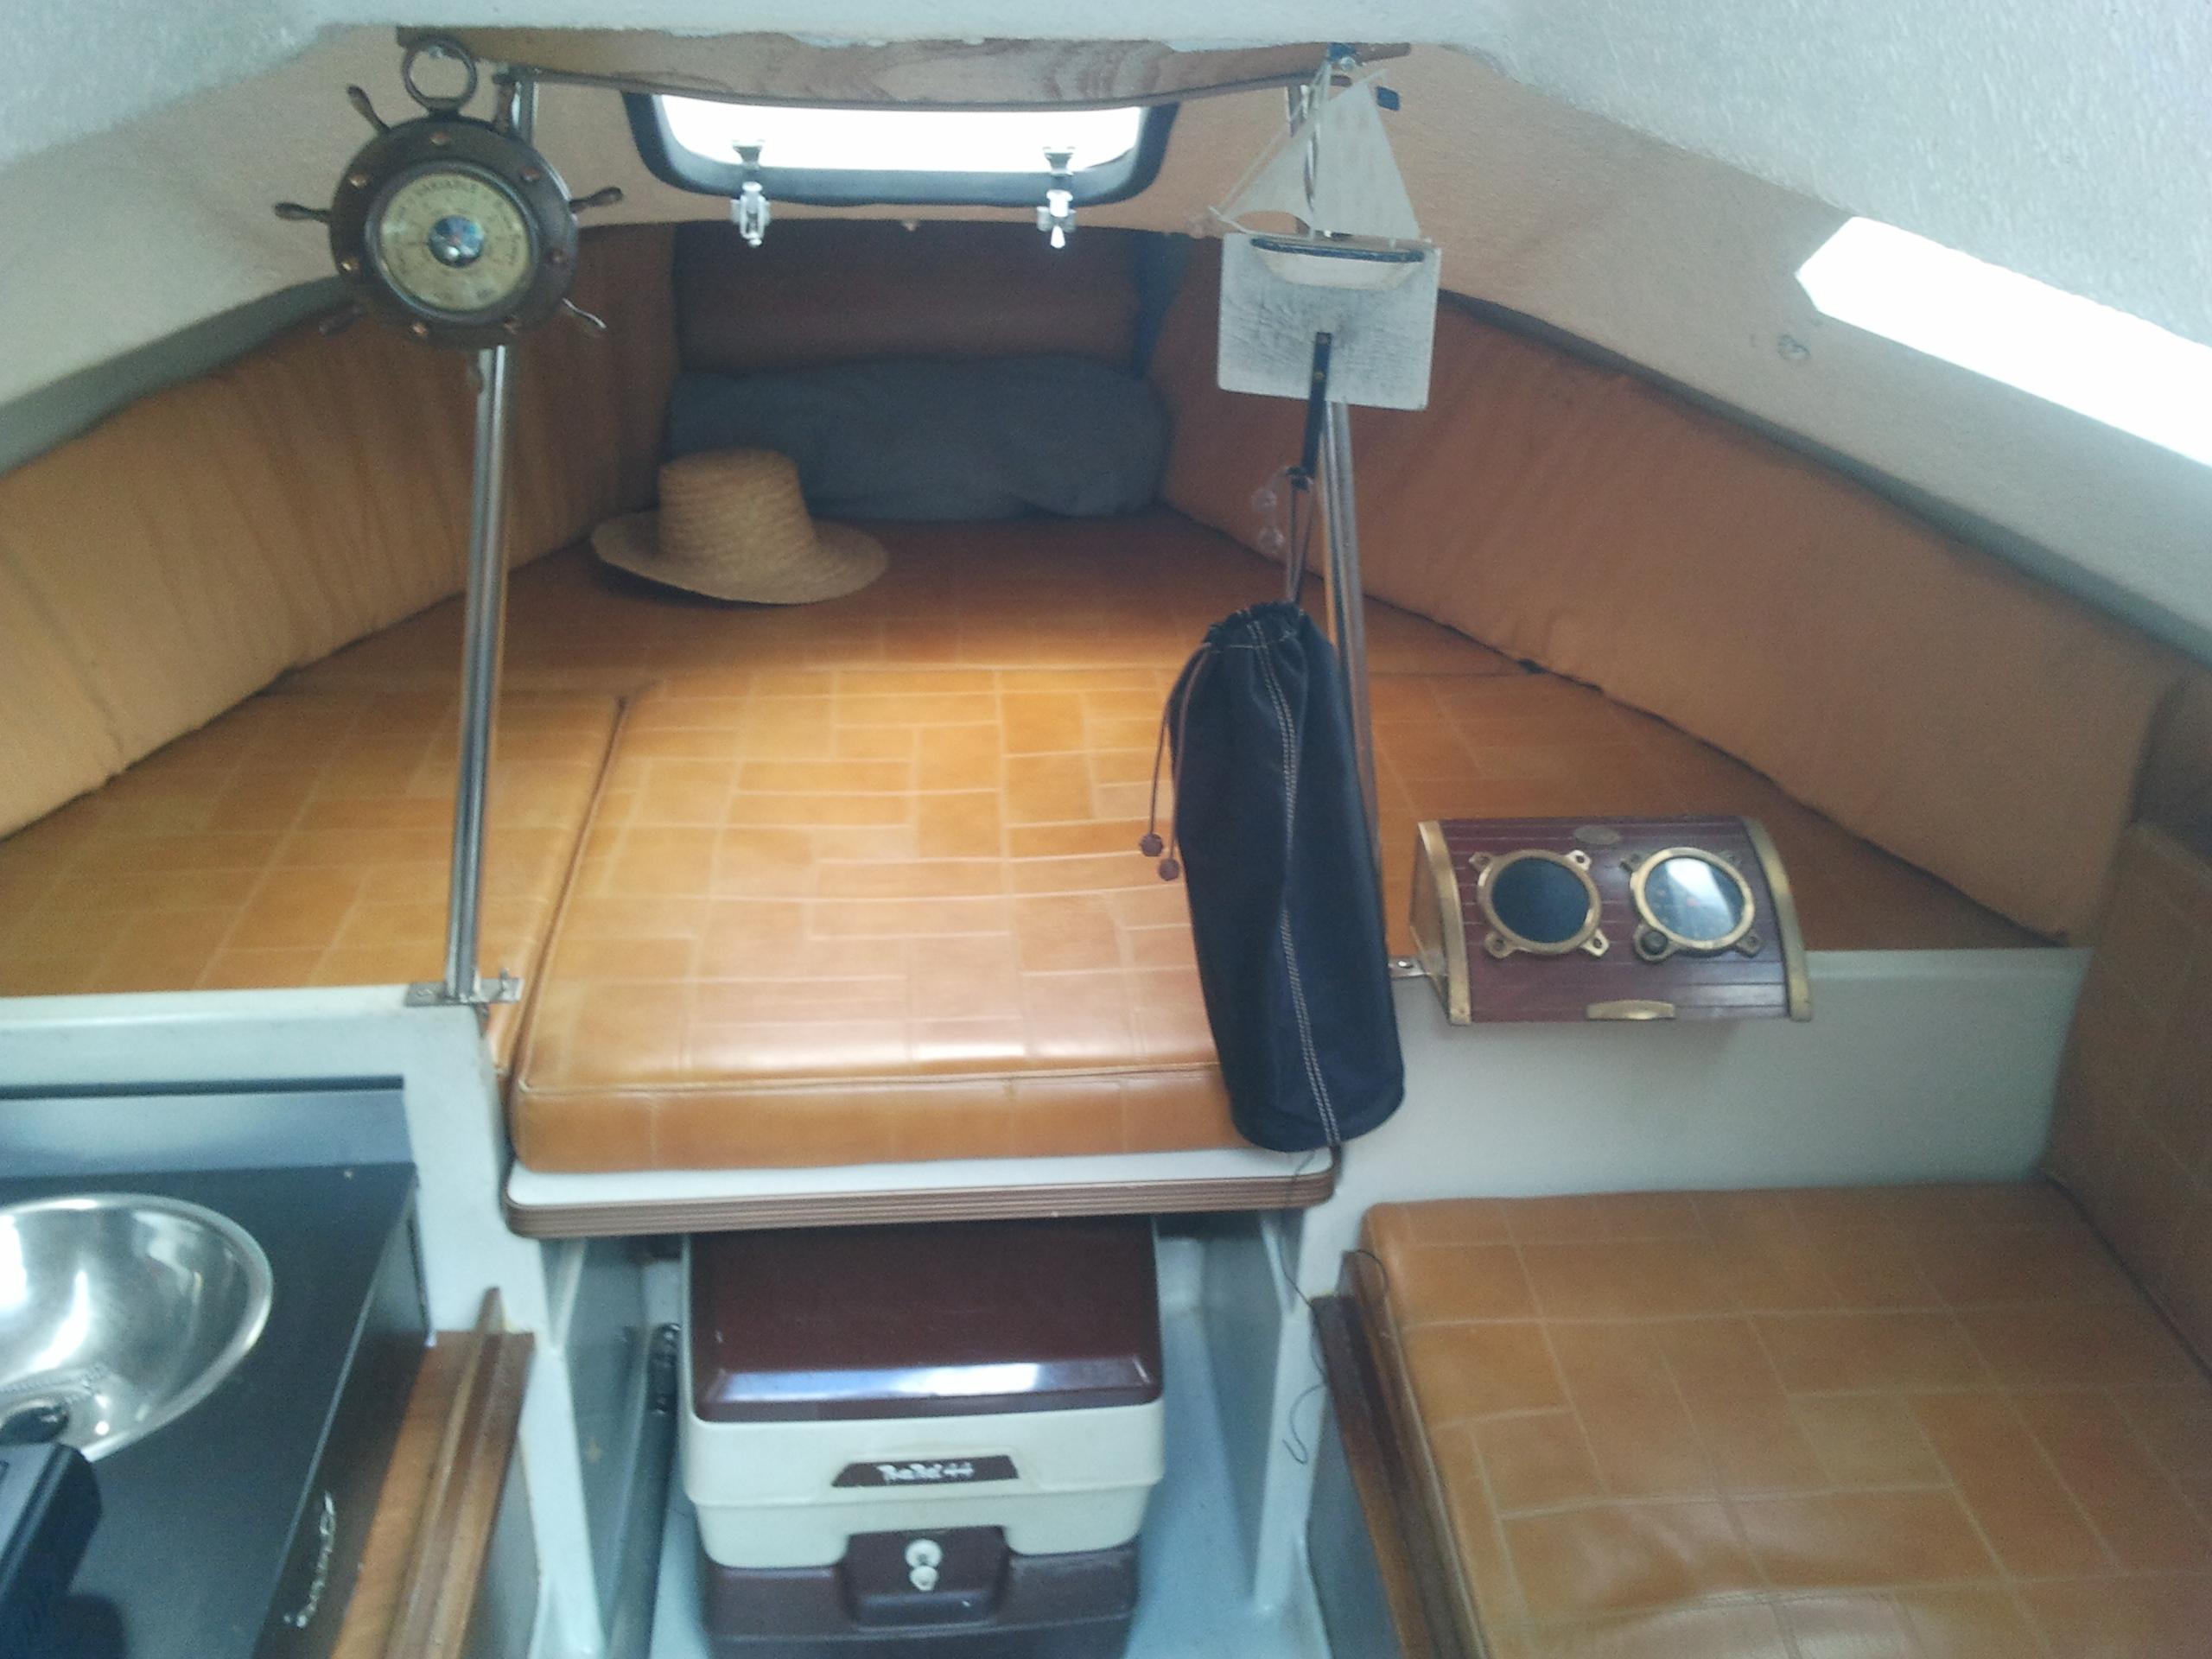 edel 5 mon premier petit voilier. Black Bedroom Furniture Sets. Home Design Ideas